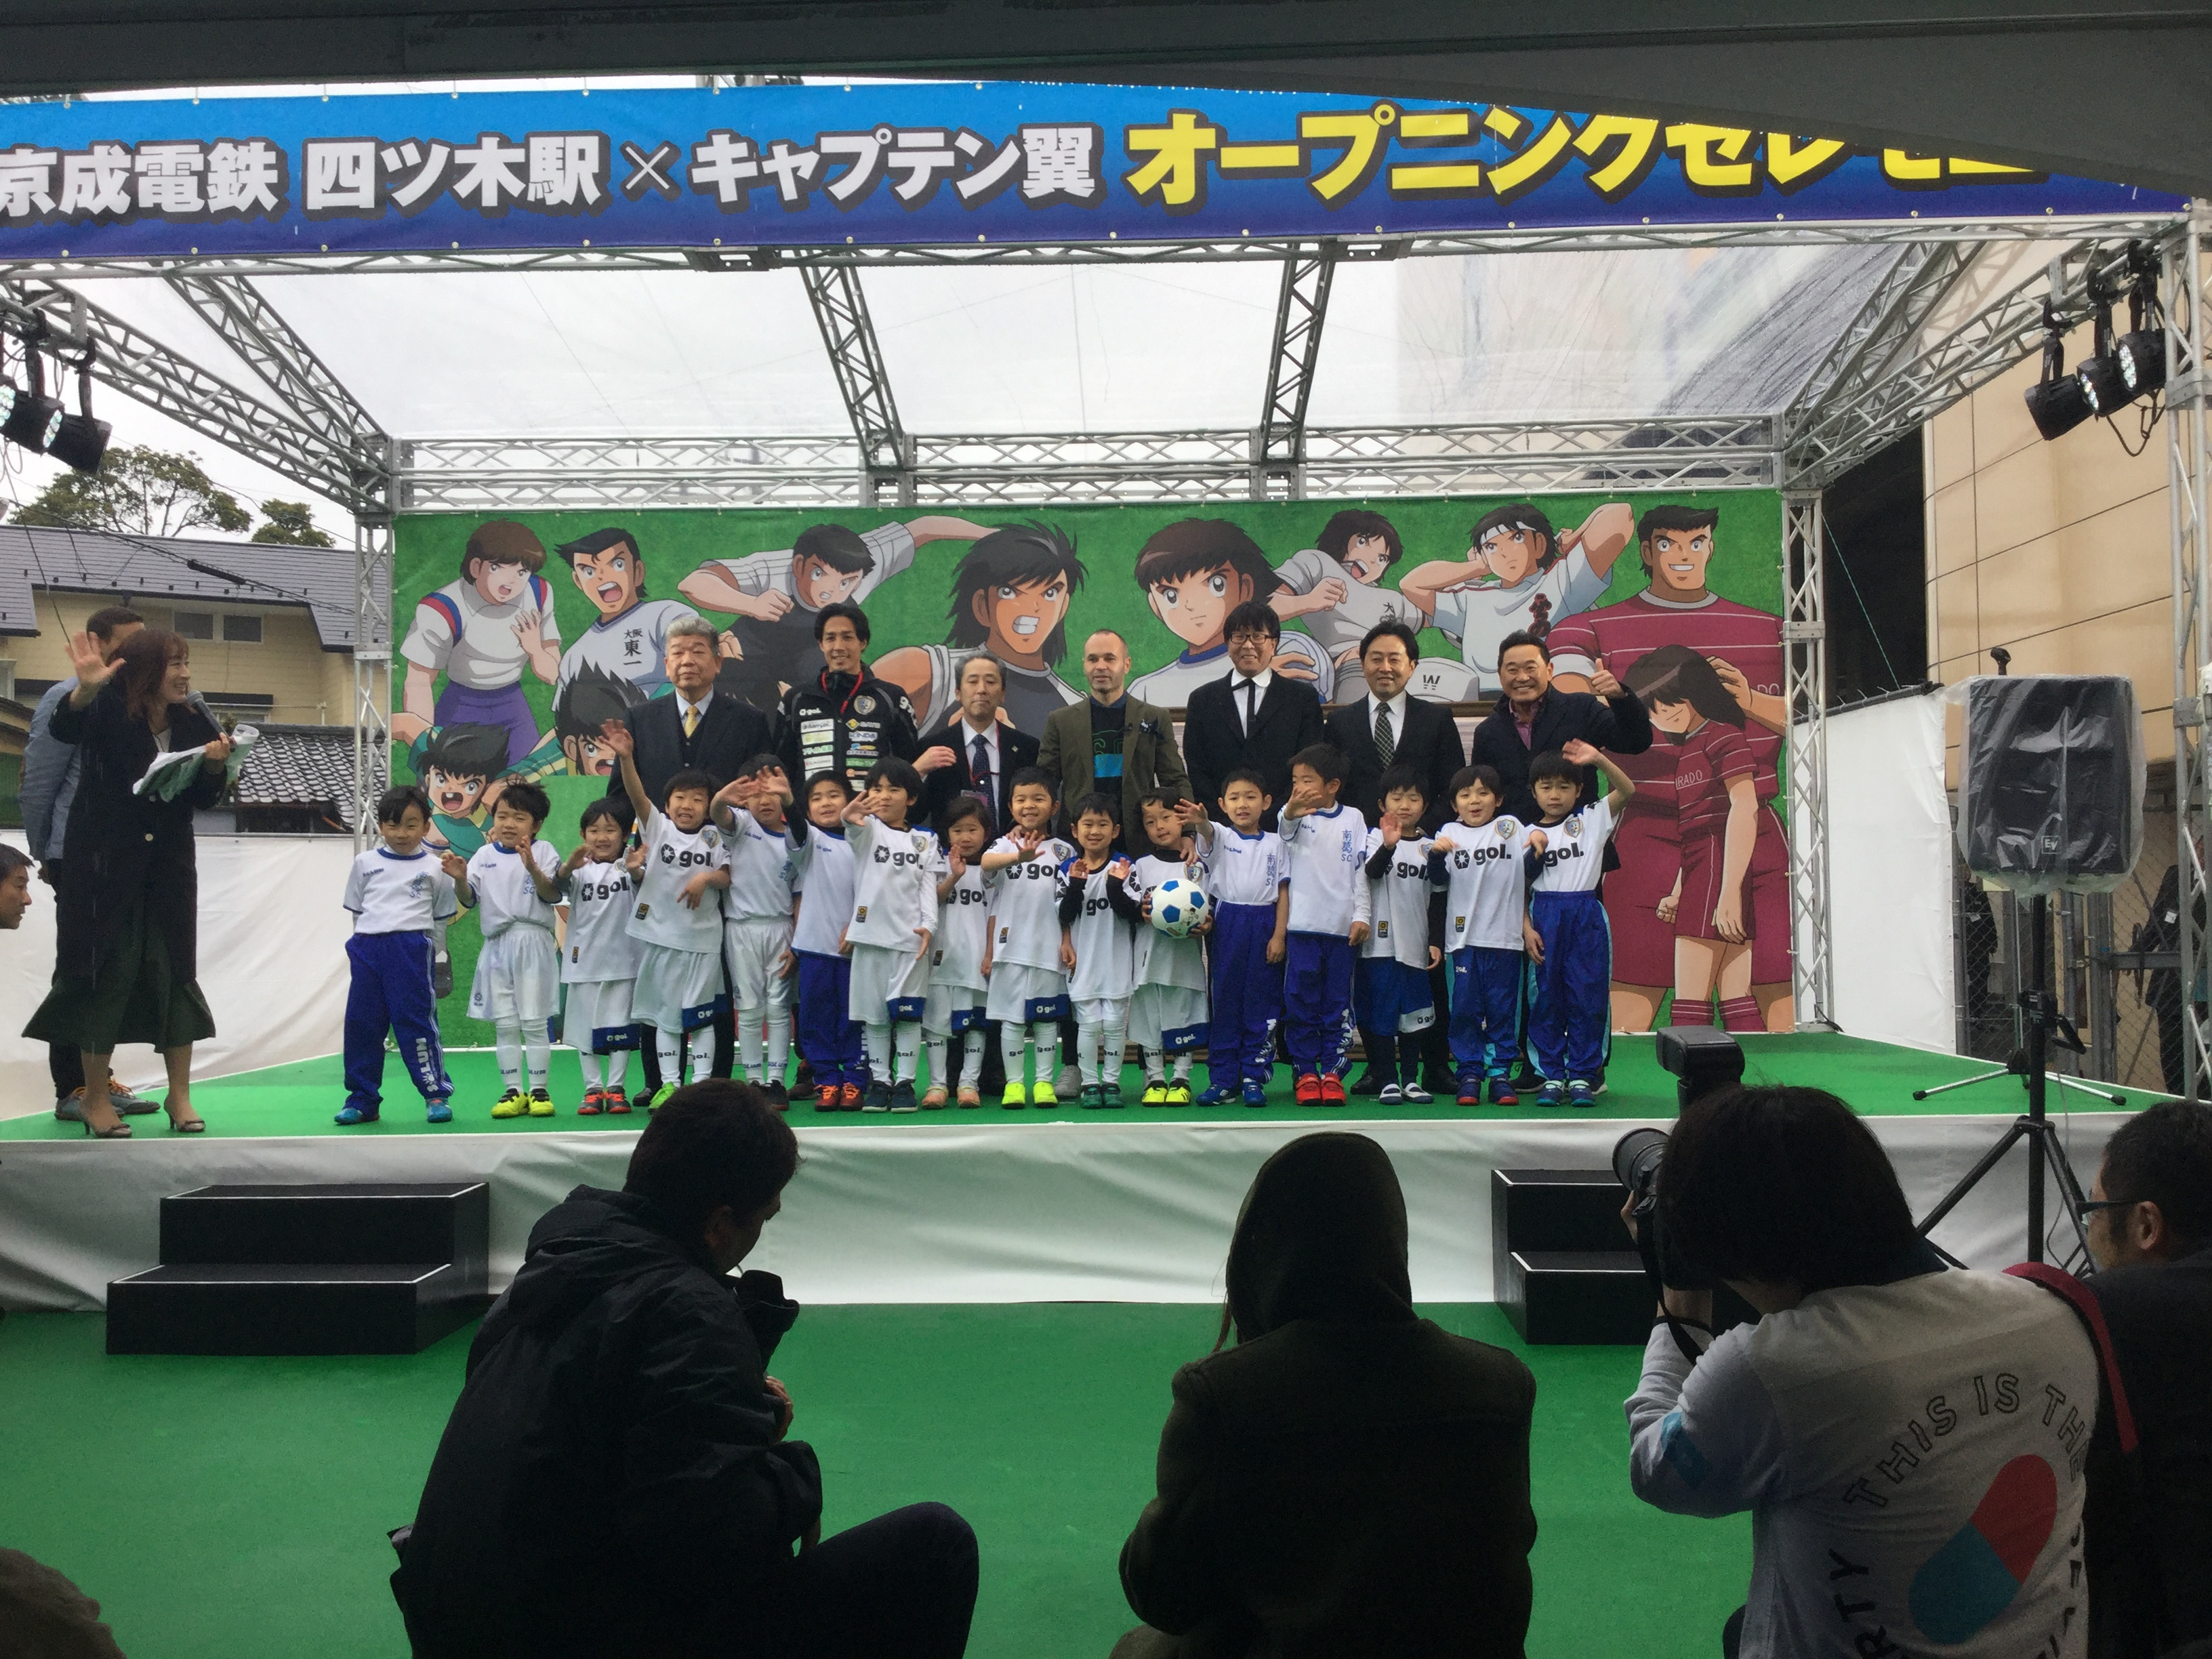 スクール生も登壇して高橋先生、イニエスタ選手と